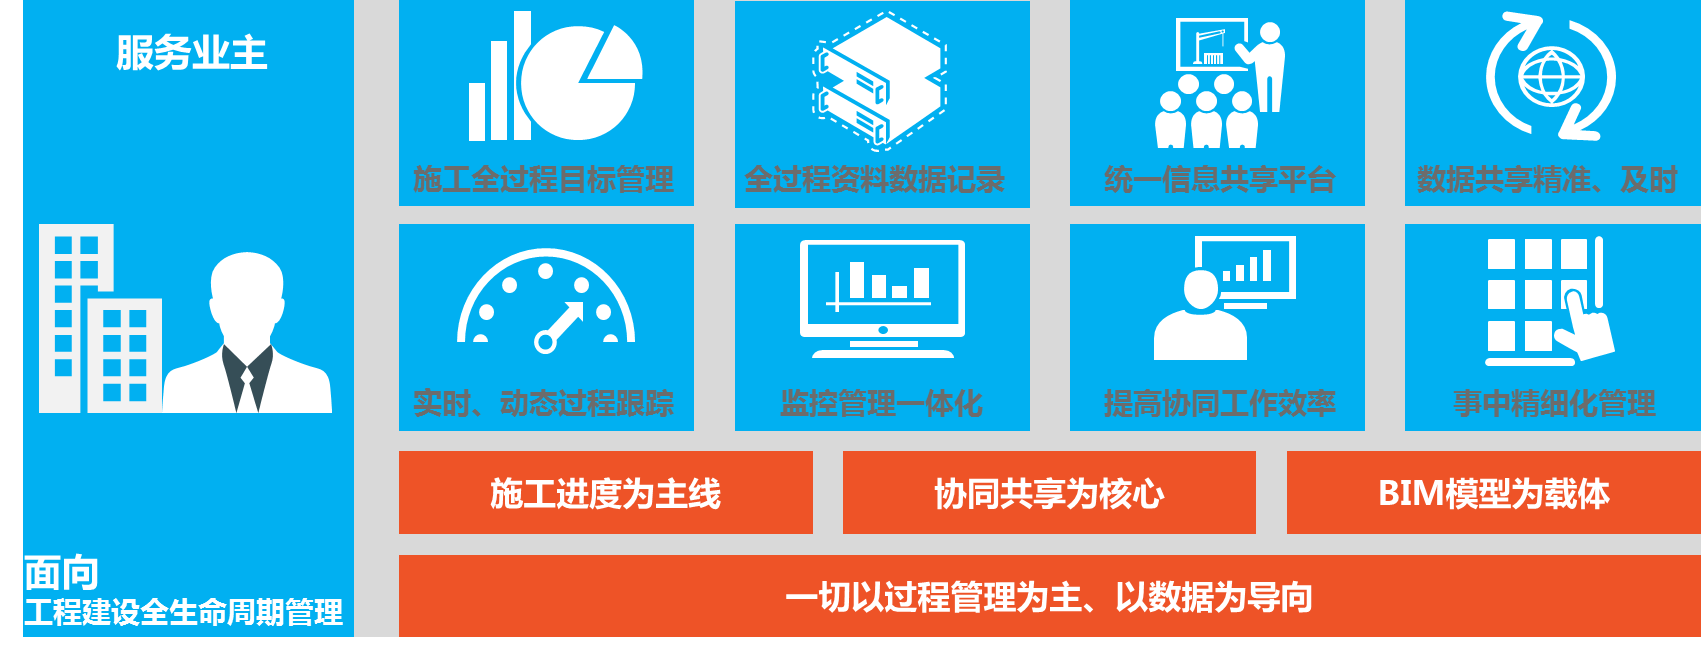 基于BIM的全过程管理平台定位